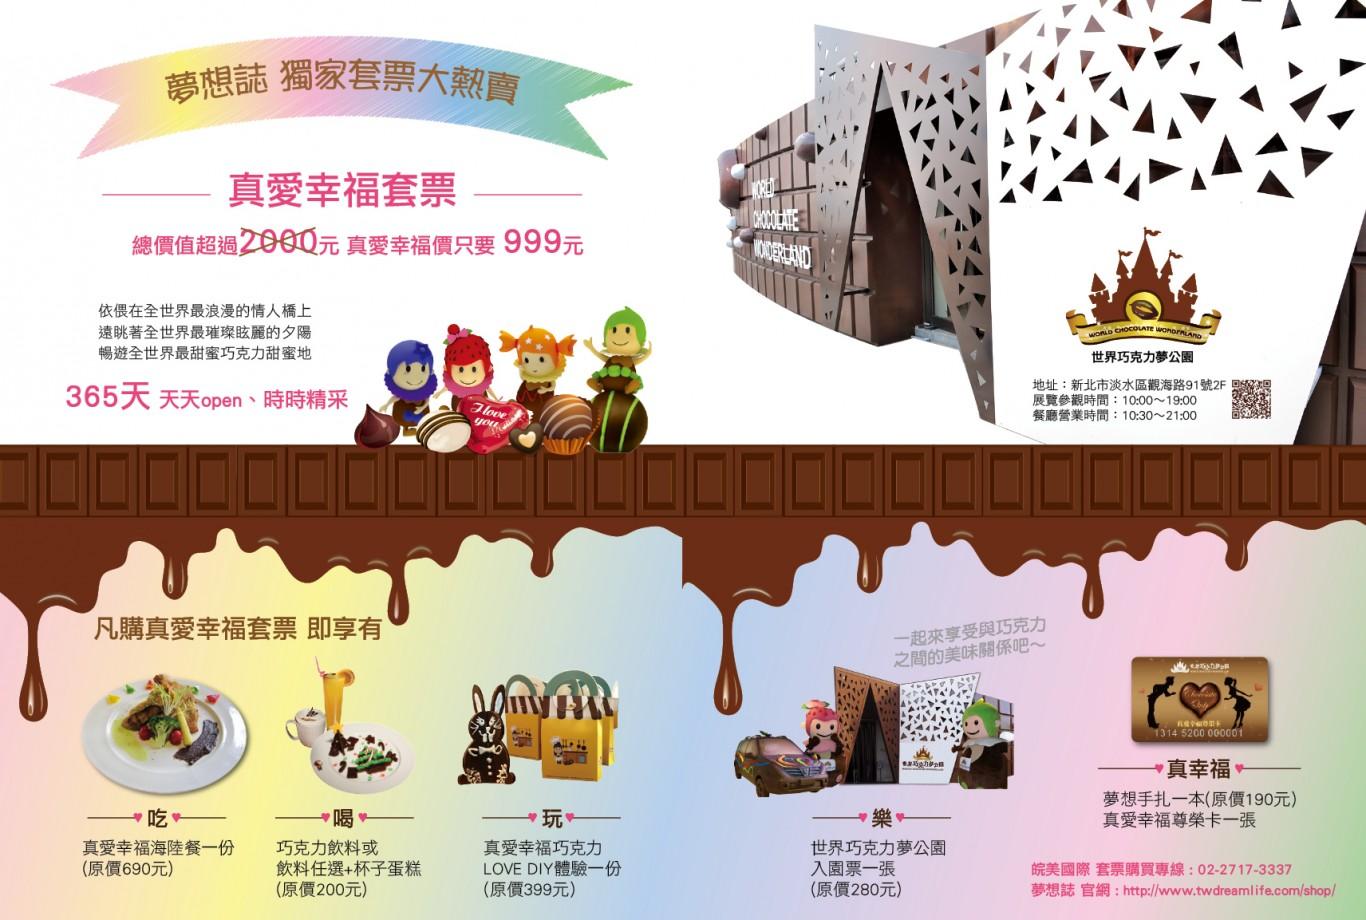 巧克力夢公園廣告-2P